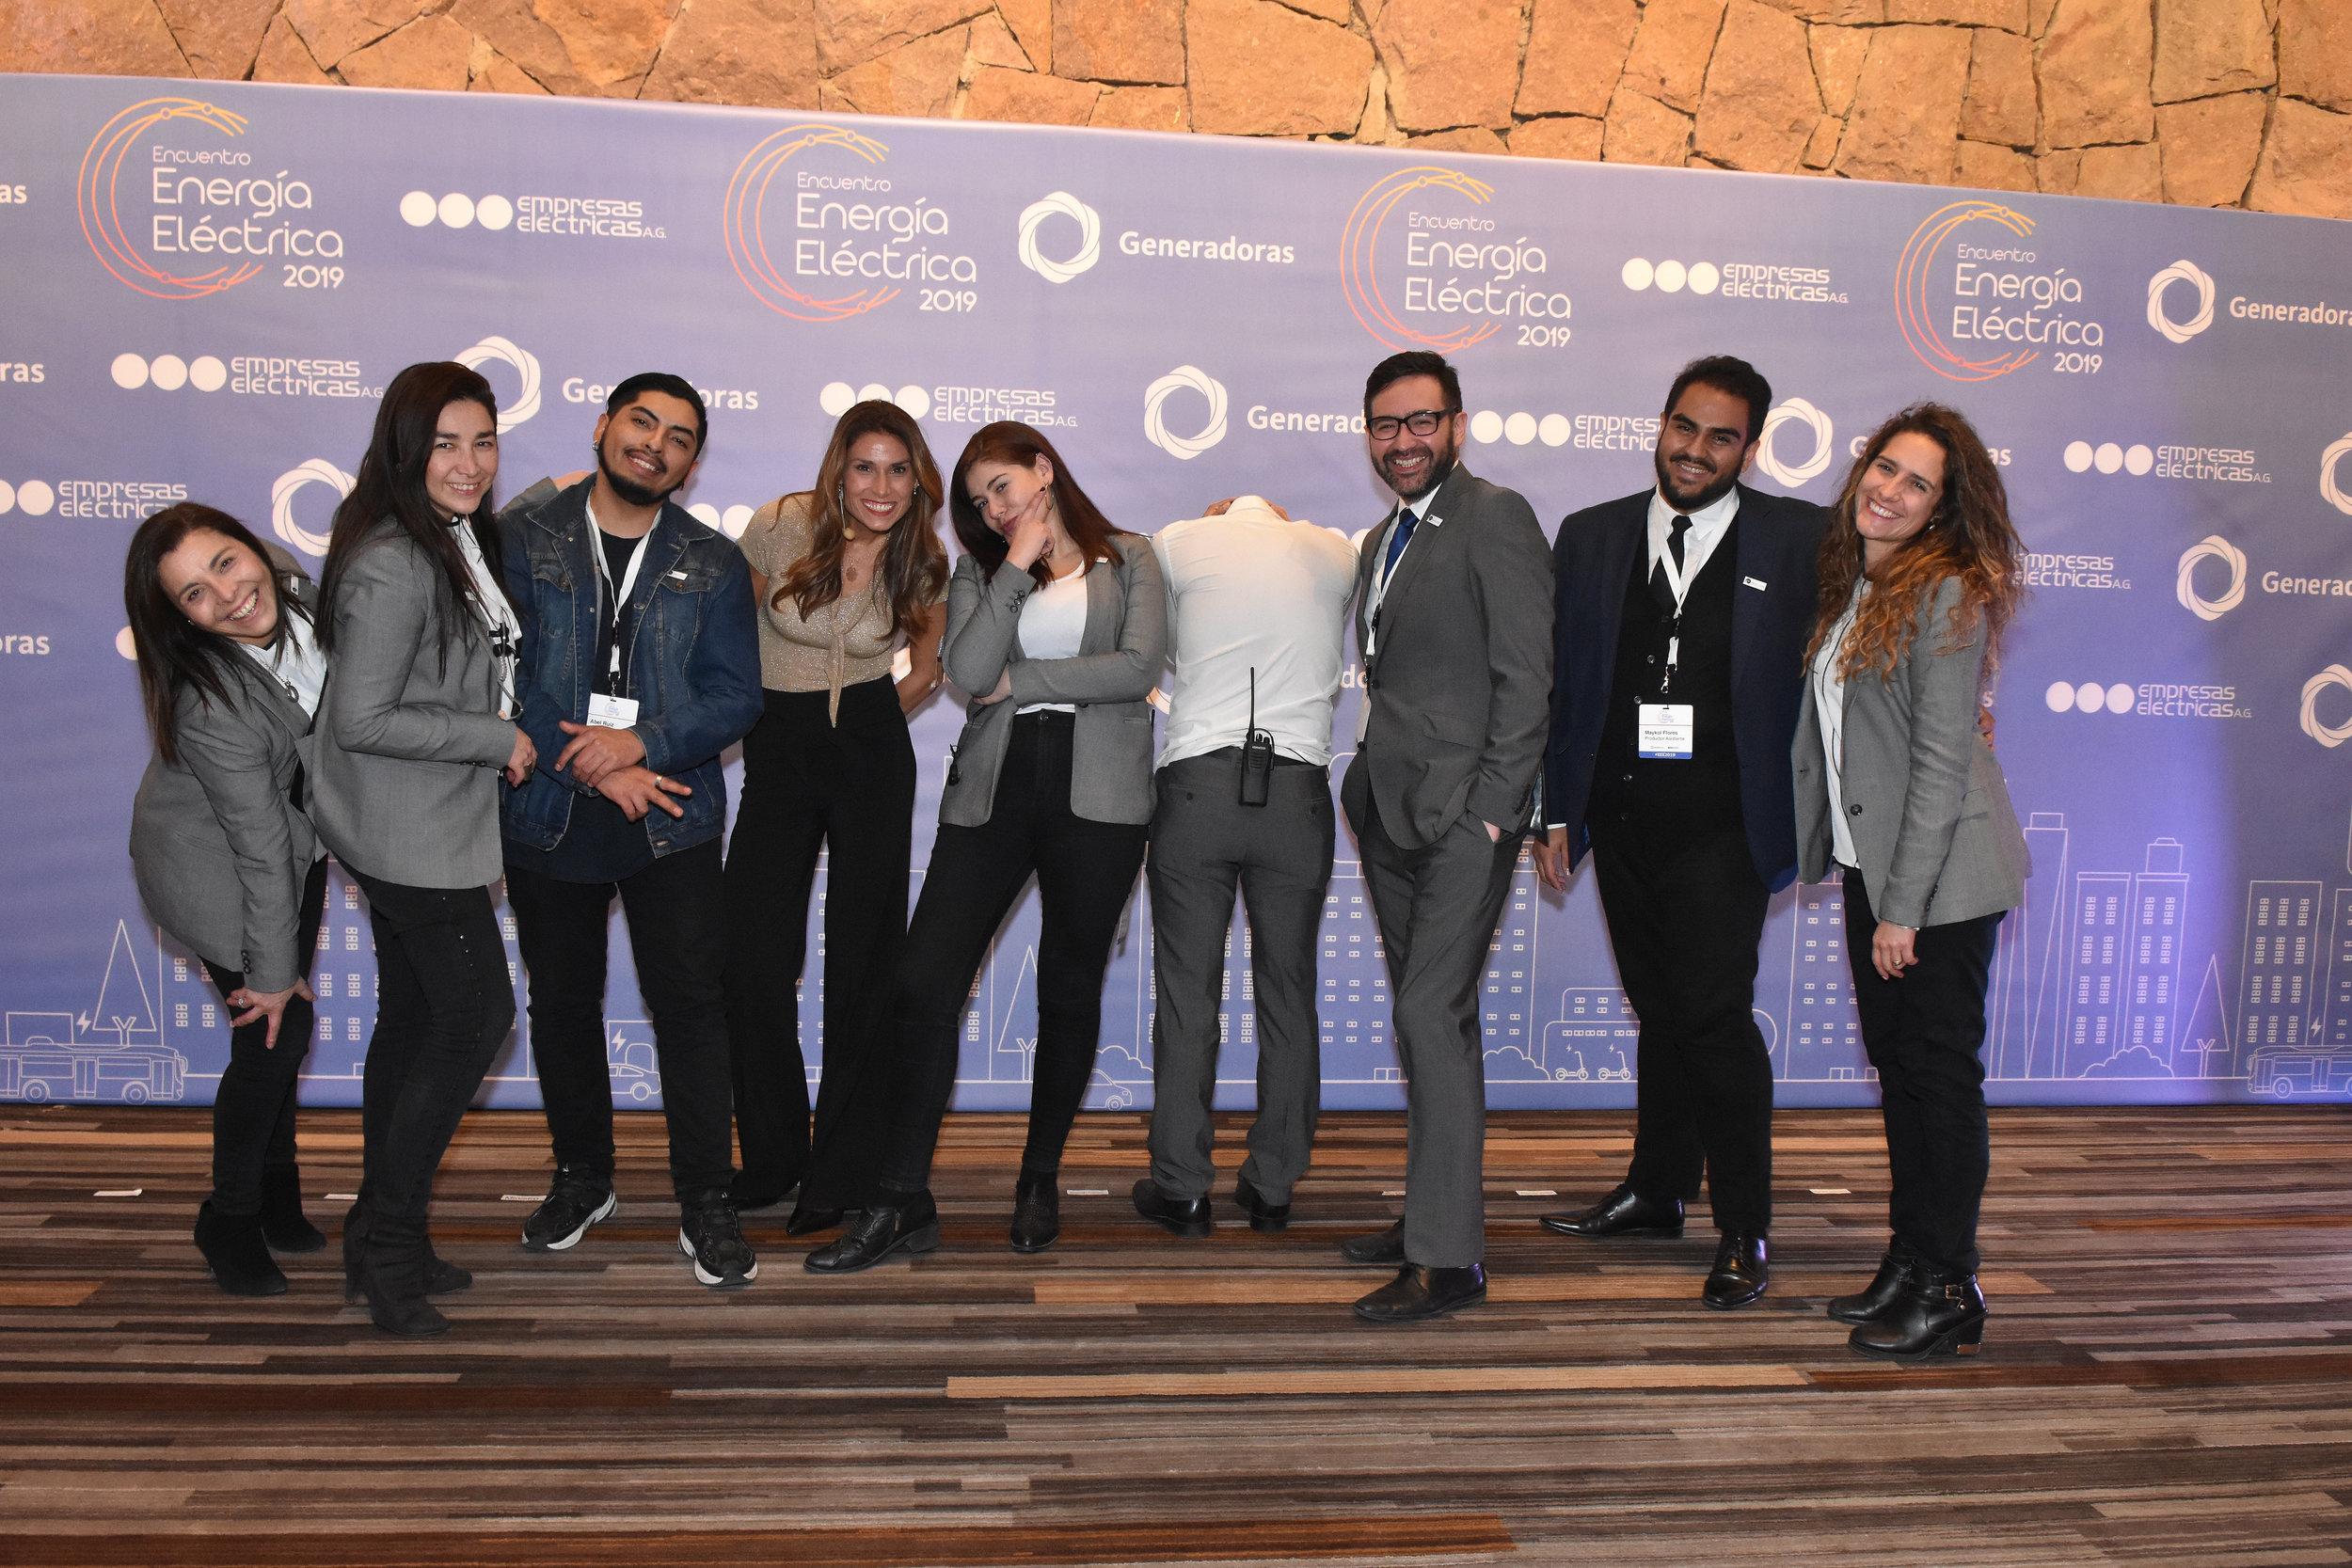 produccion-evento-encuentro-anual-energia-electrica-2019-cproducciones-10